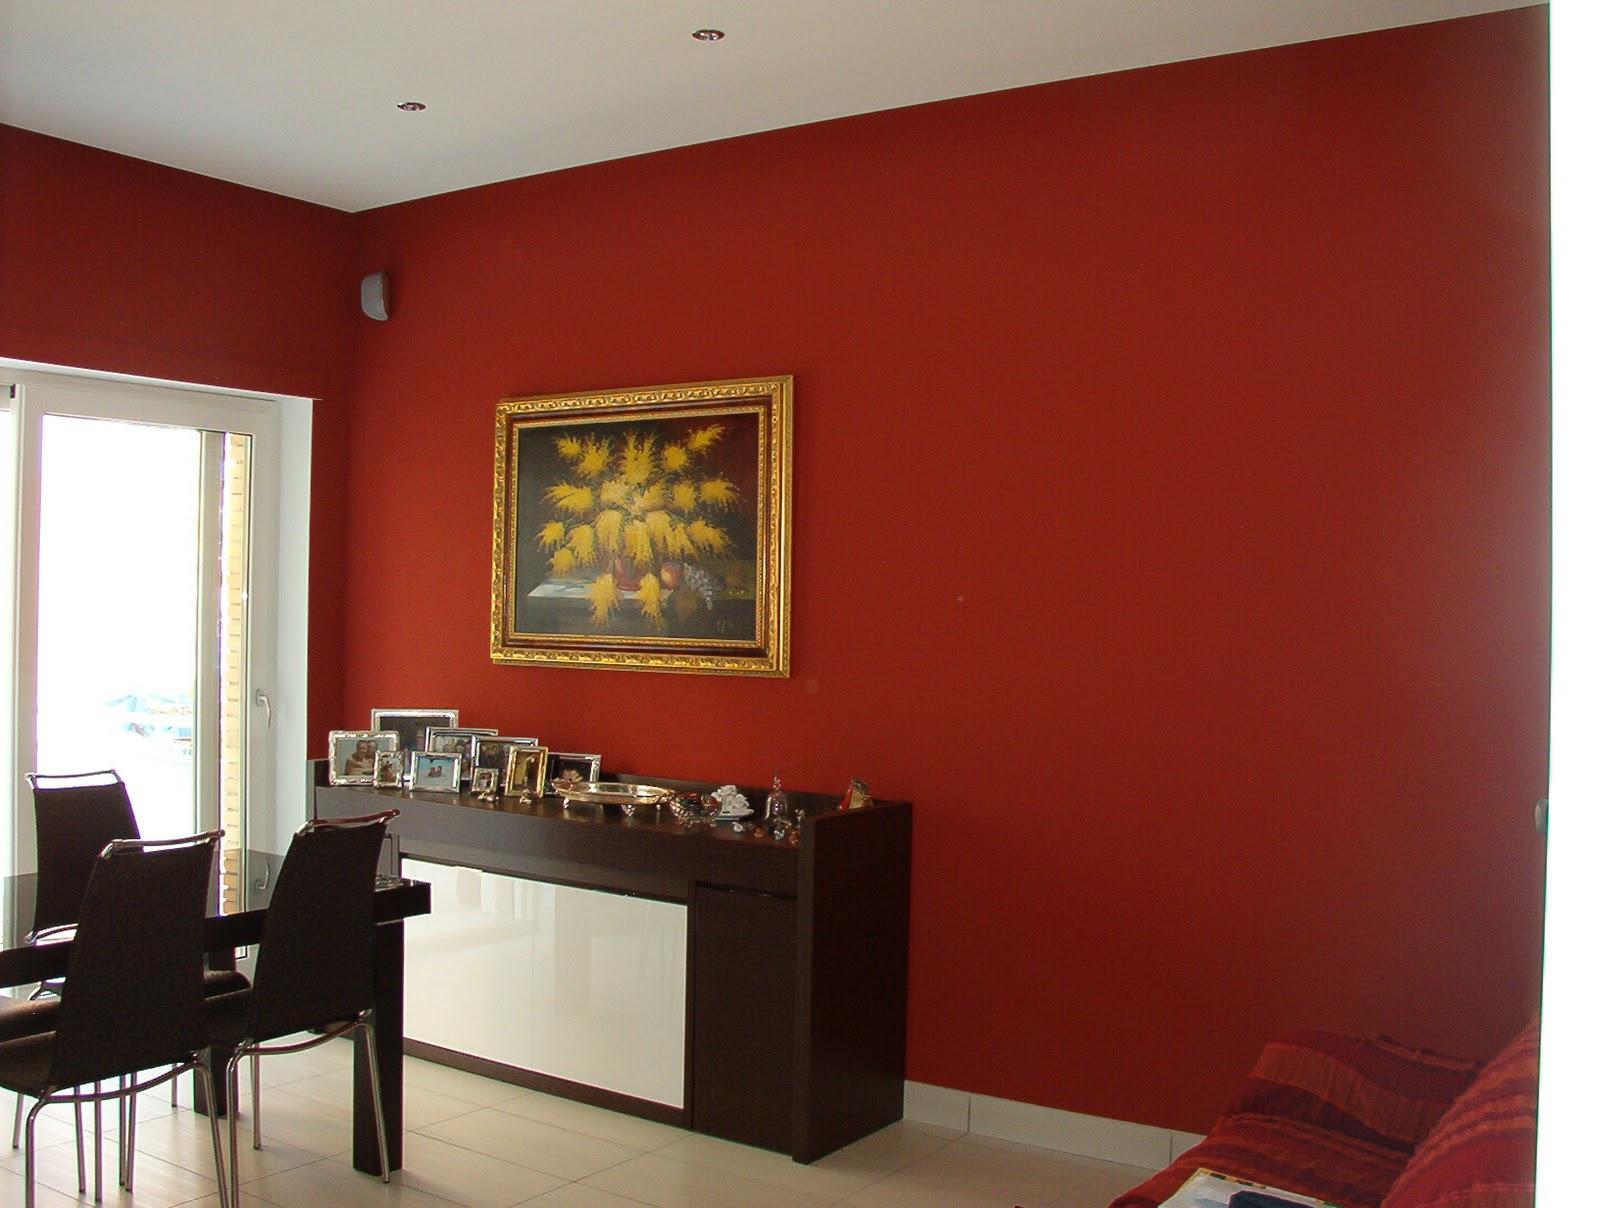 Consigli per la casa e l 39 arredamento imbiancare casa - Idee per dipingere casa ...